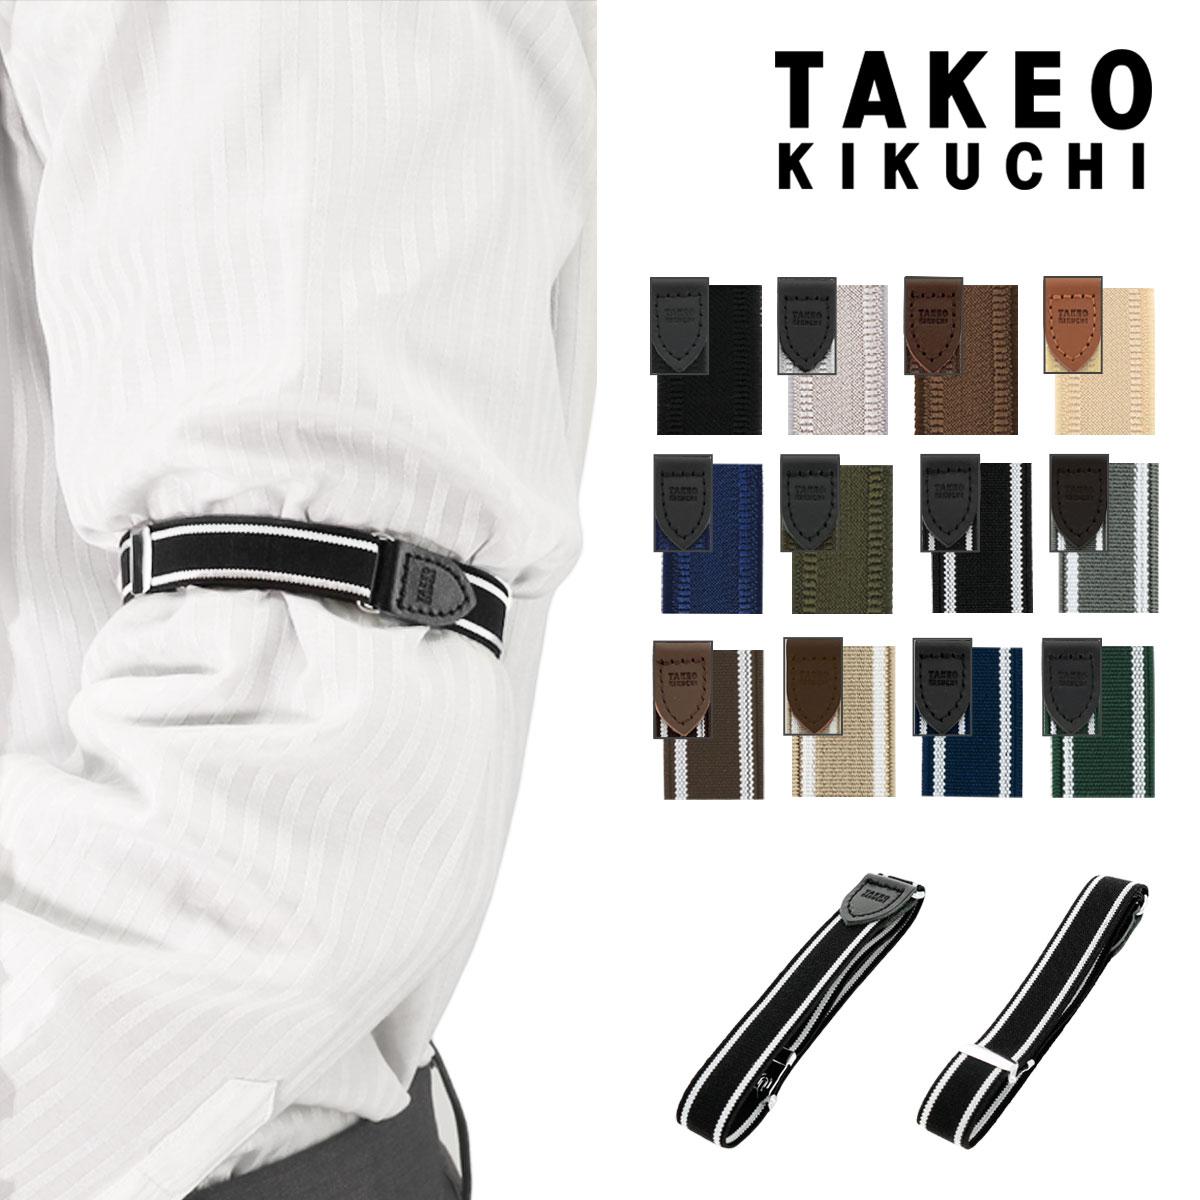 タケオキクチ アームバンド アームクリップ アームガーター バンド型 腕輪 リングタイプ メンズ 日本製 TAKEO KIKUCHI | 国産 フォーマル ビジネス 袖丈 調整 袖止め シャツガーター[即日発送][PO5]